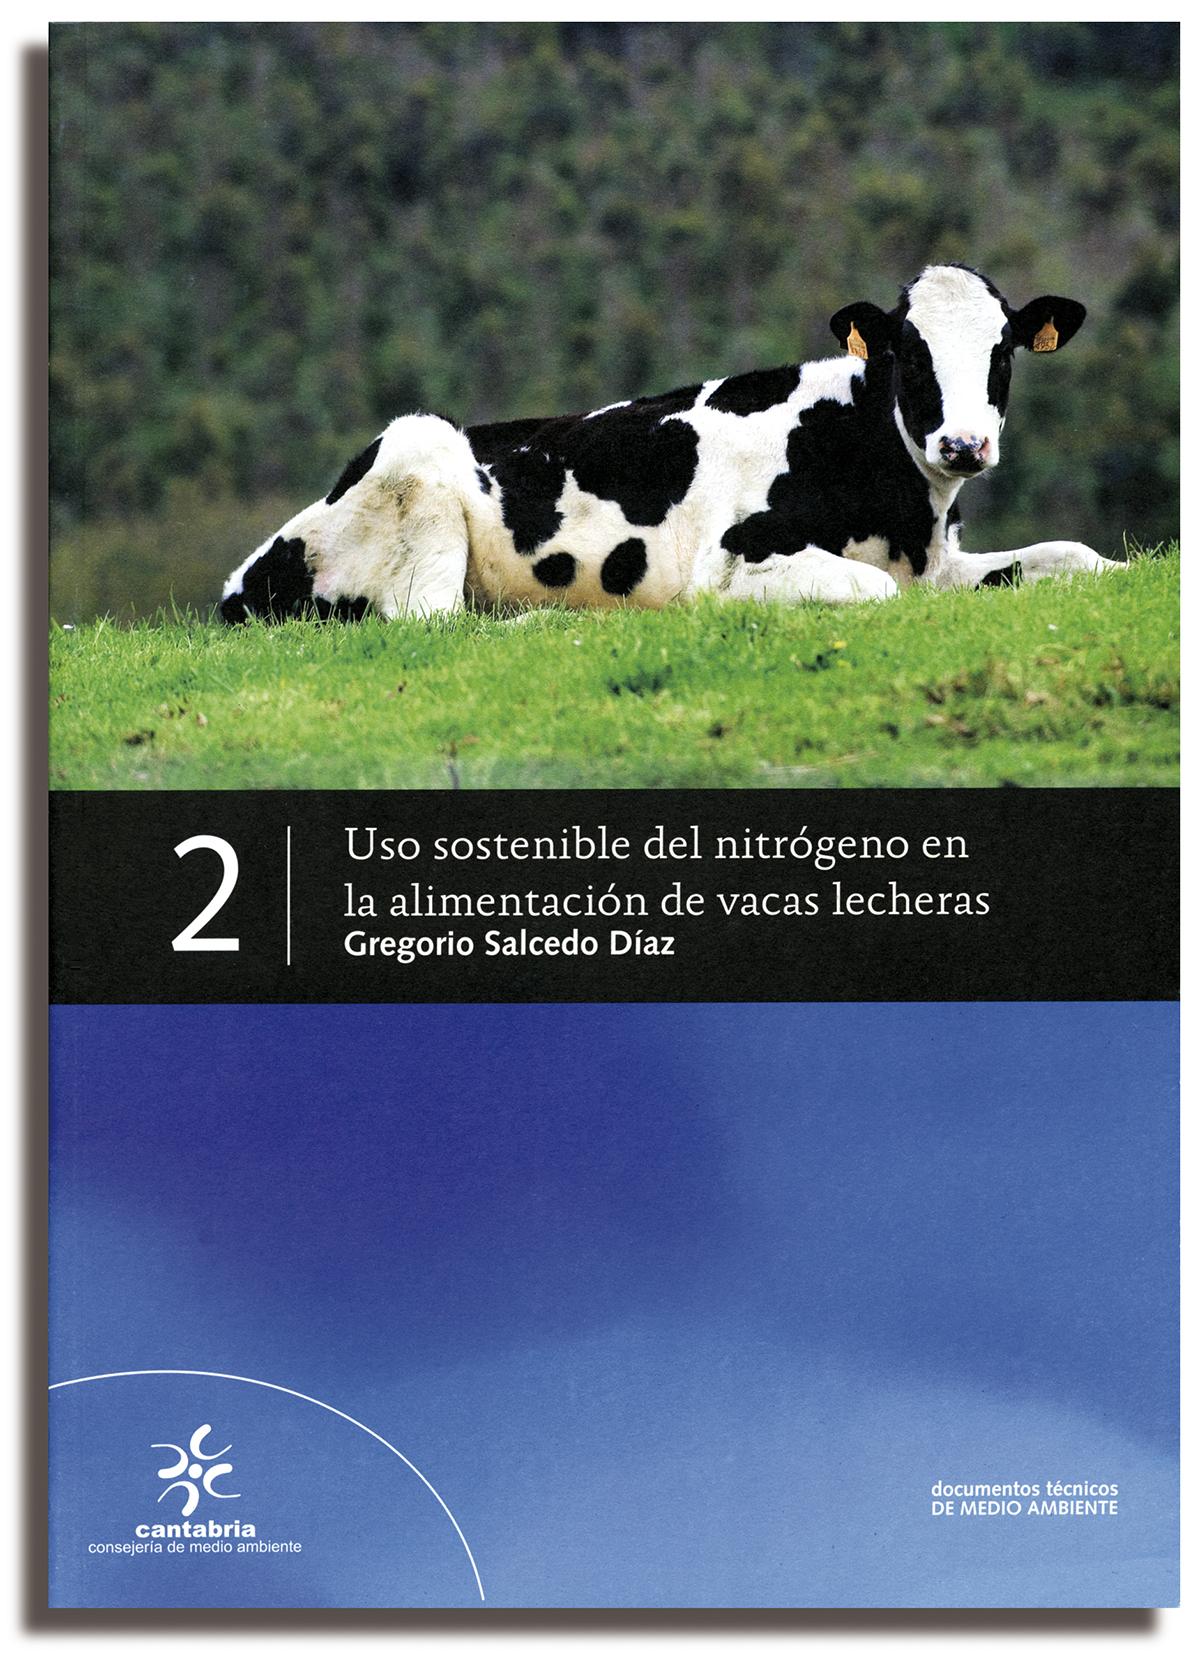 PUBLICACIONES MEDIO AMBIENTE CANTABRIA 5